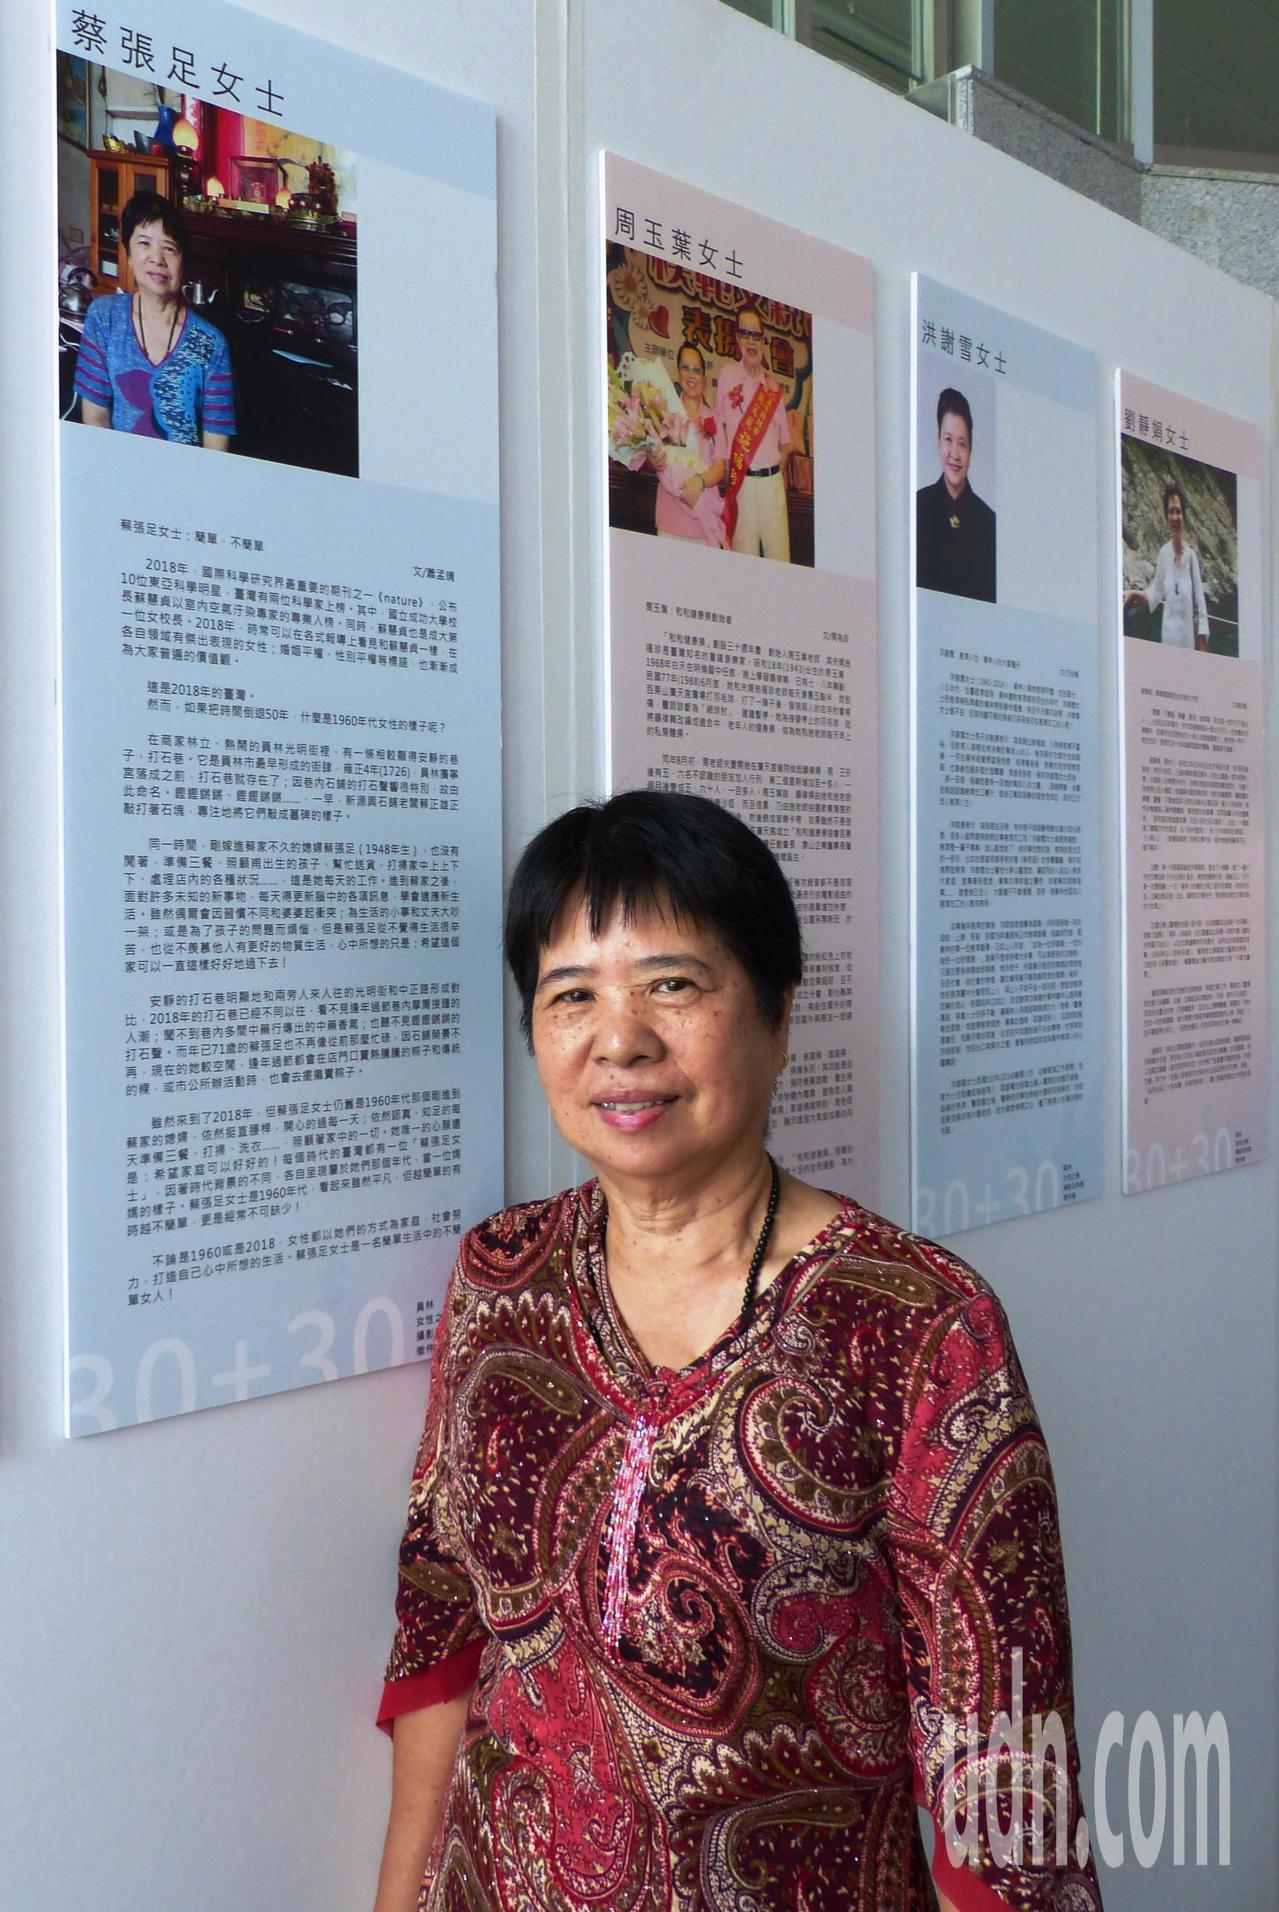 70歲蔡張足見證員林打石巷的興衰,她的故事呈現台灣傳統女性樣貌。記者凌筠婷/攝影